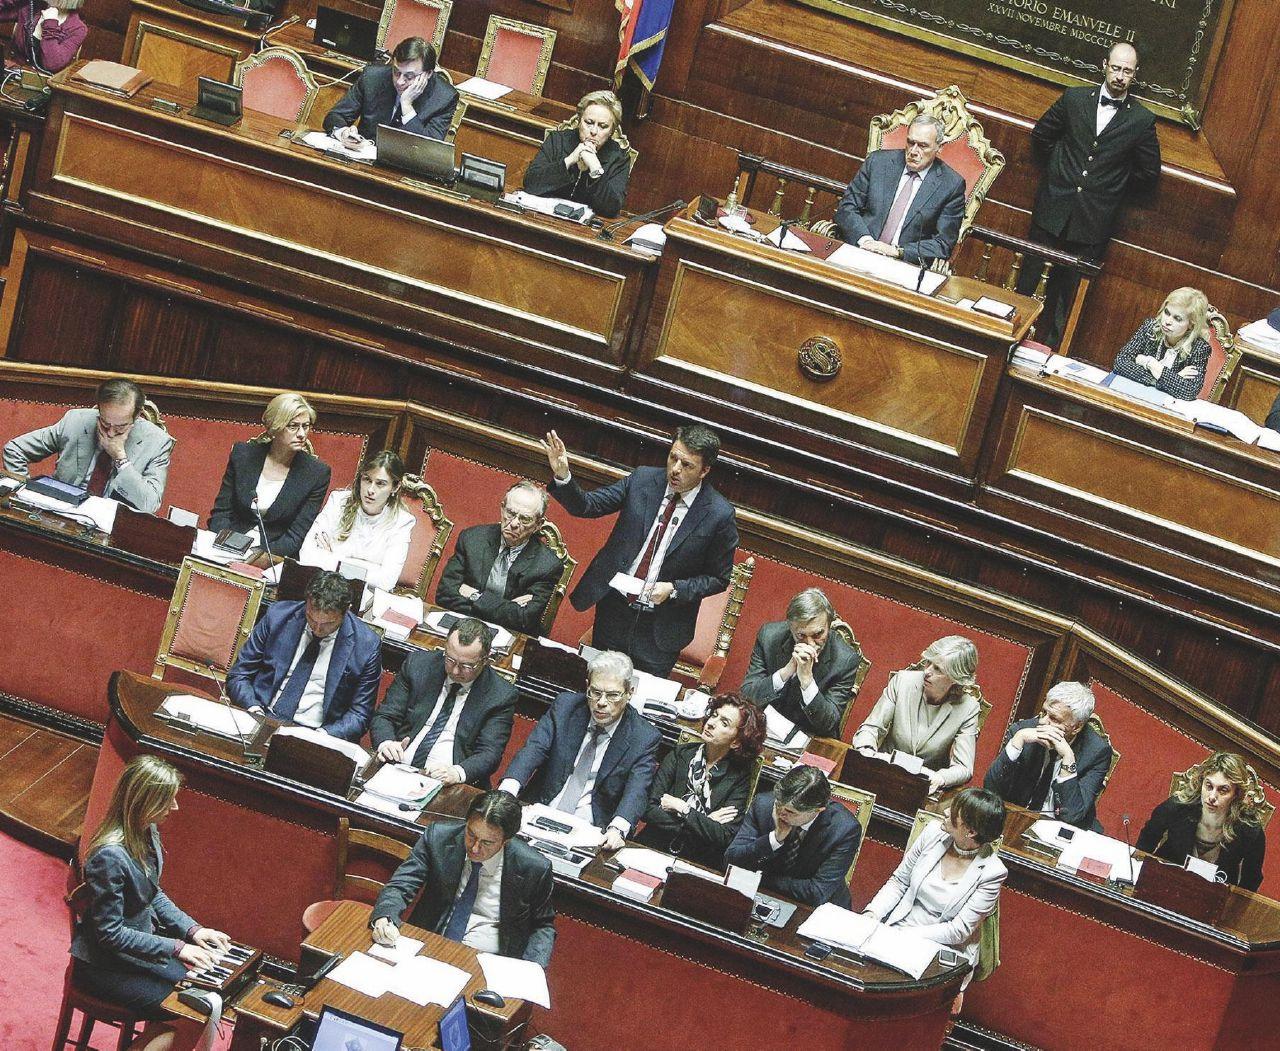 Cento emendamenti al Bilancio: i ministri temono sia l'ultimo